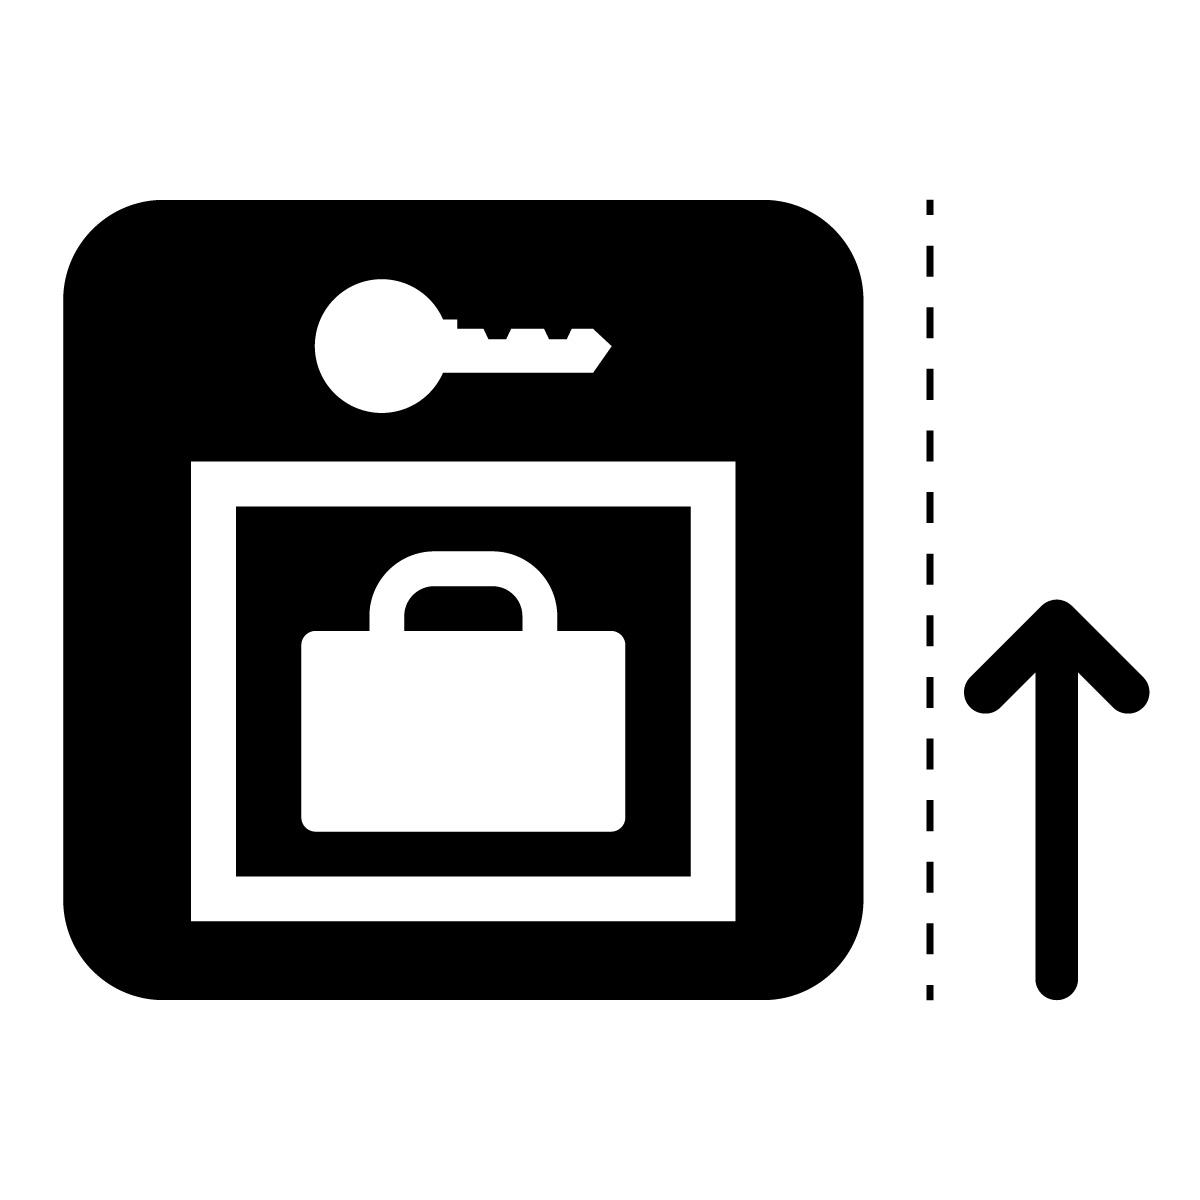 黒色のロッカー案内マーク(矢印付き)のカッティングステッカー・シール